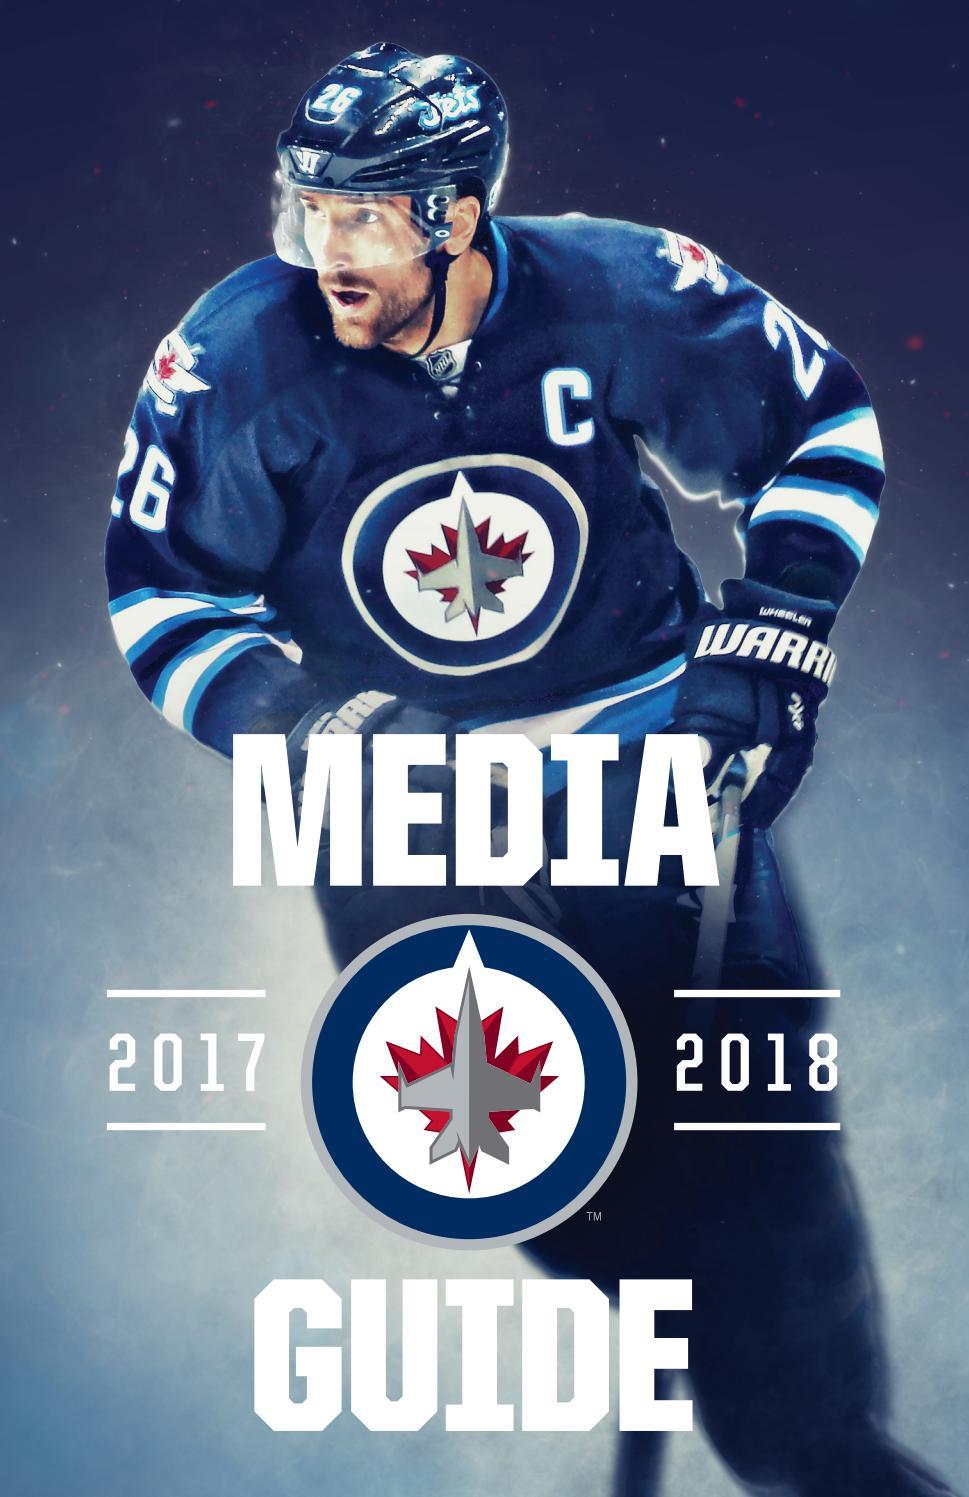 3a43cc801b 2017-18 Winnipeg Jets Media Guide by Winnipeg Jets - issuu